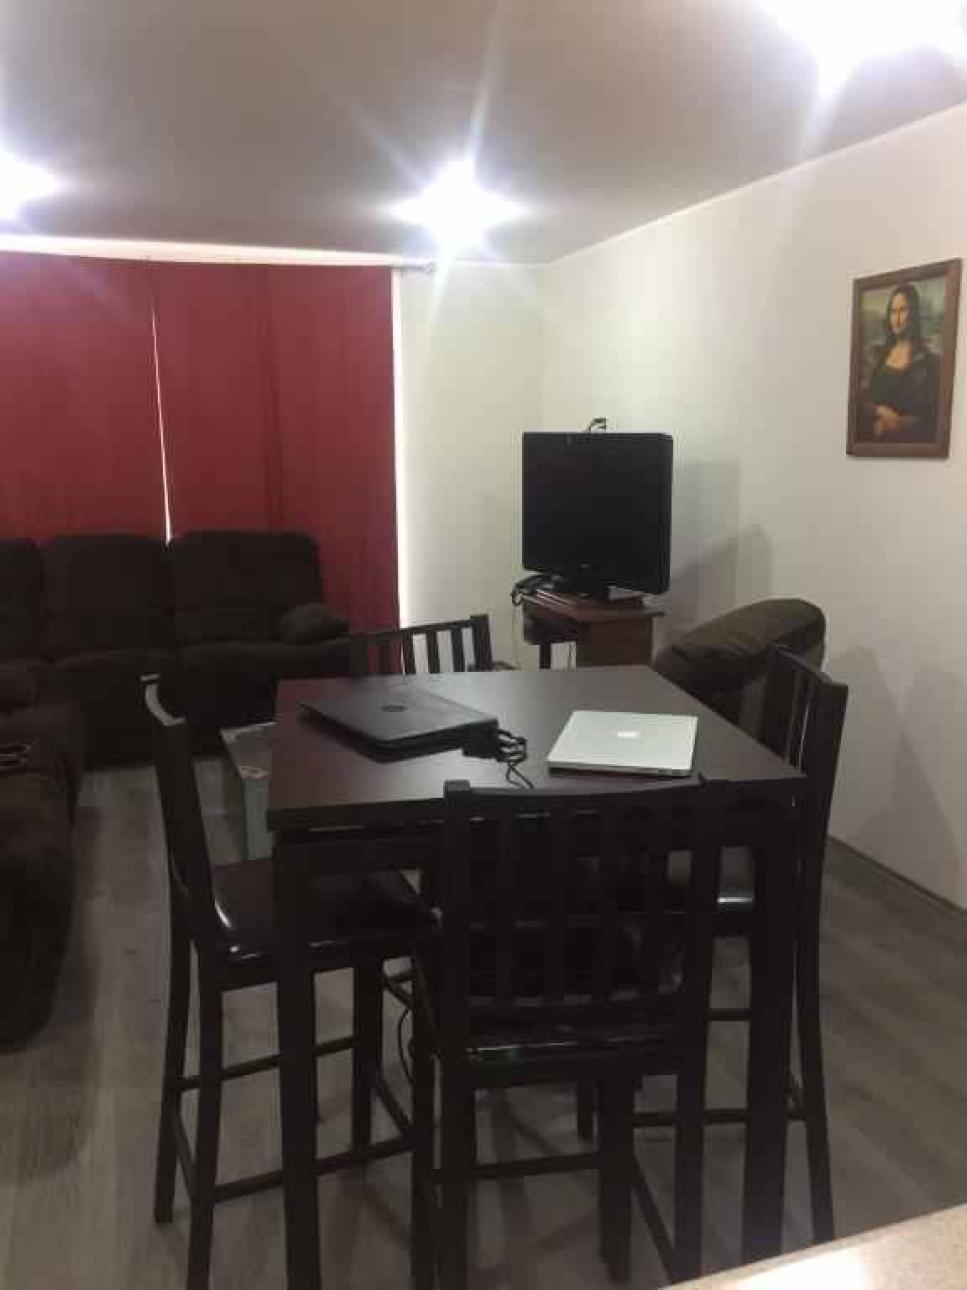 Alquiler de Departamento 5 o mas ambientes en Benito Juárez Narvarte Poniente